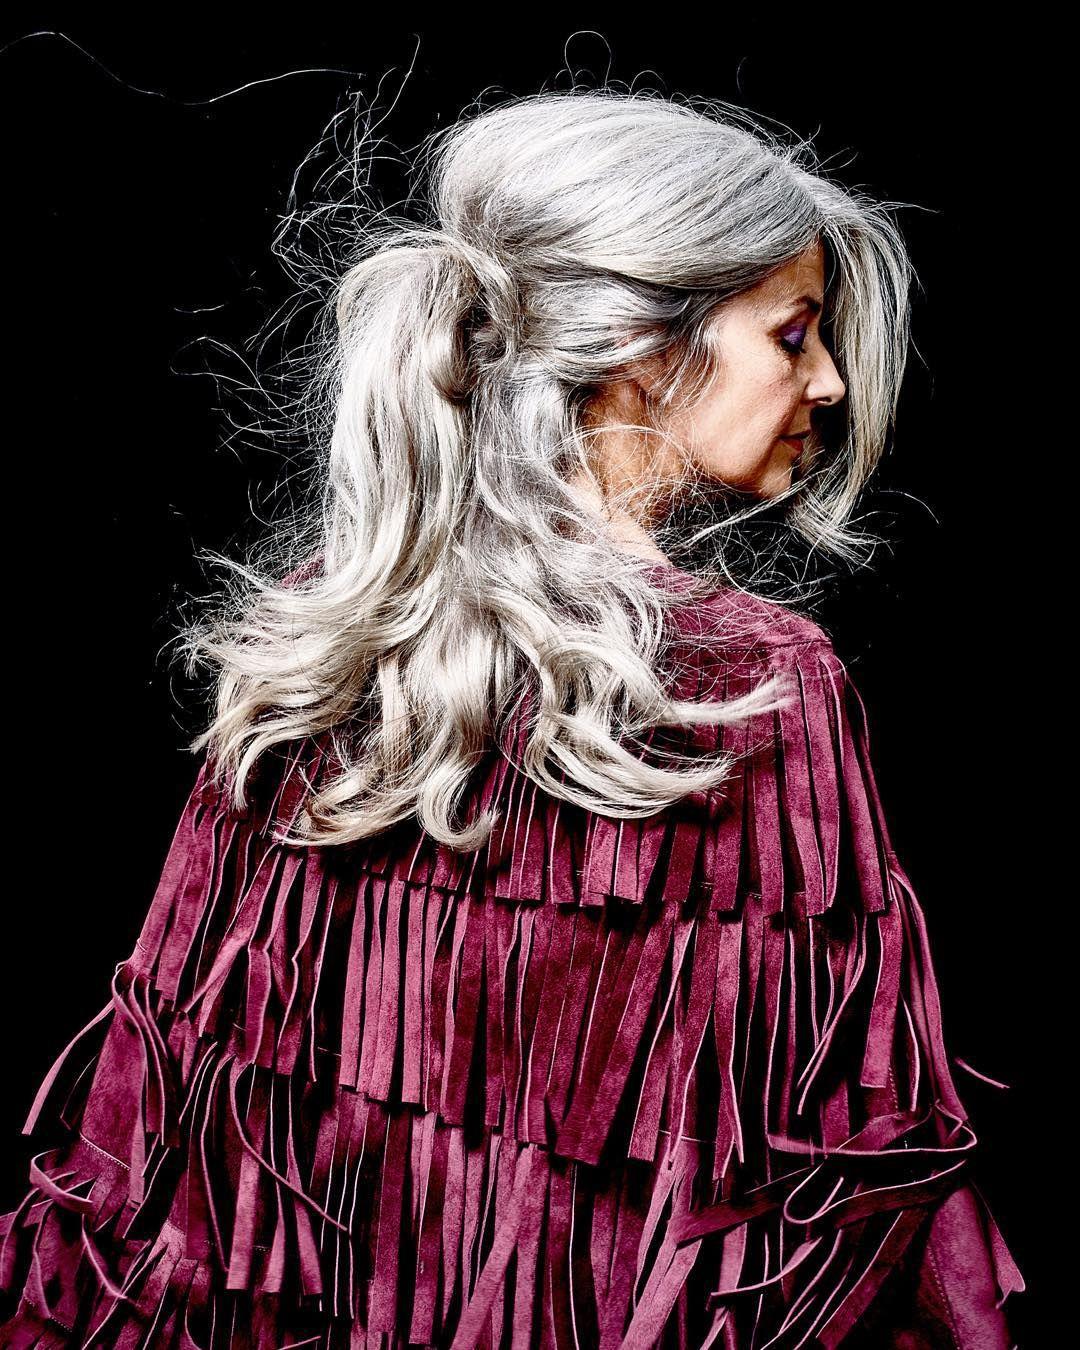 Salt and pepper gray hair grey hair silver hair white hair